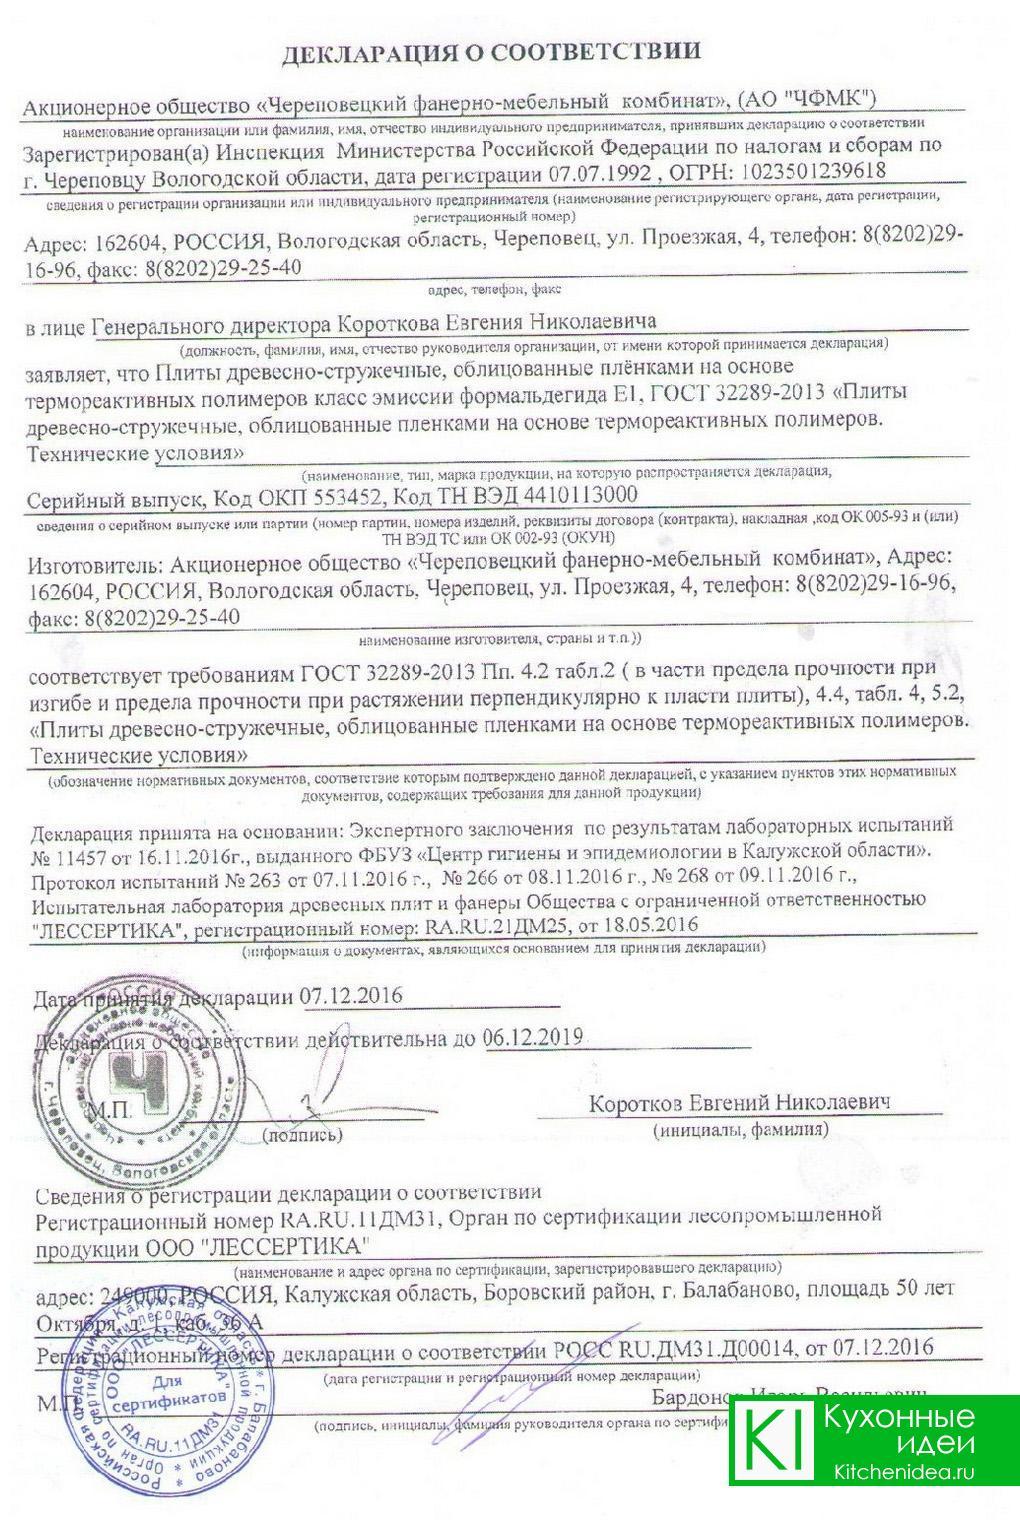 Декларация соответствия ЛДСП требованиям класса эмиссии формальдегида E1 по ГОСТ 32289-2013. АО